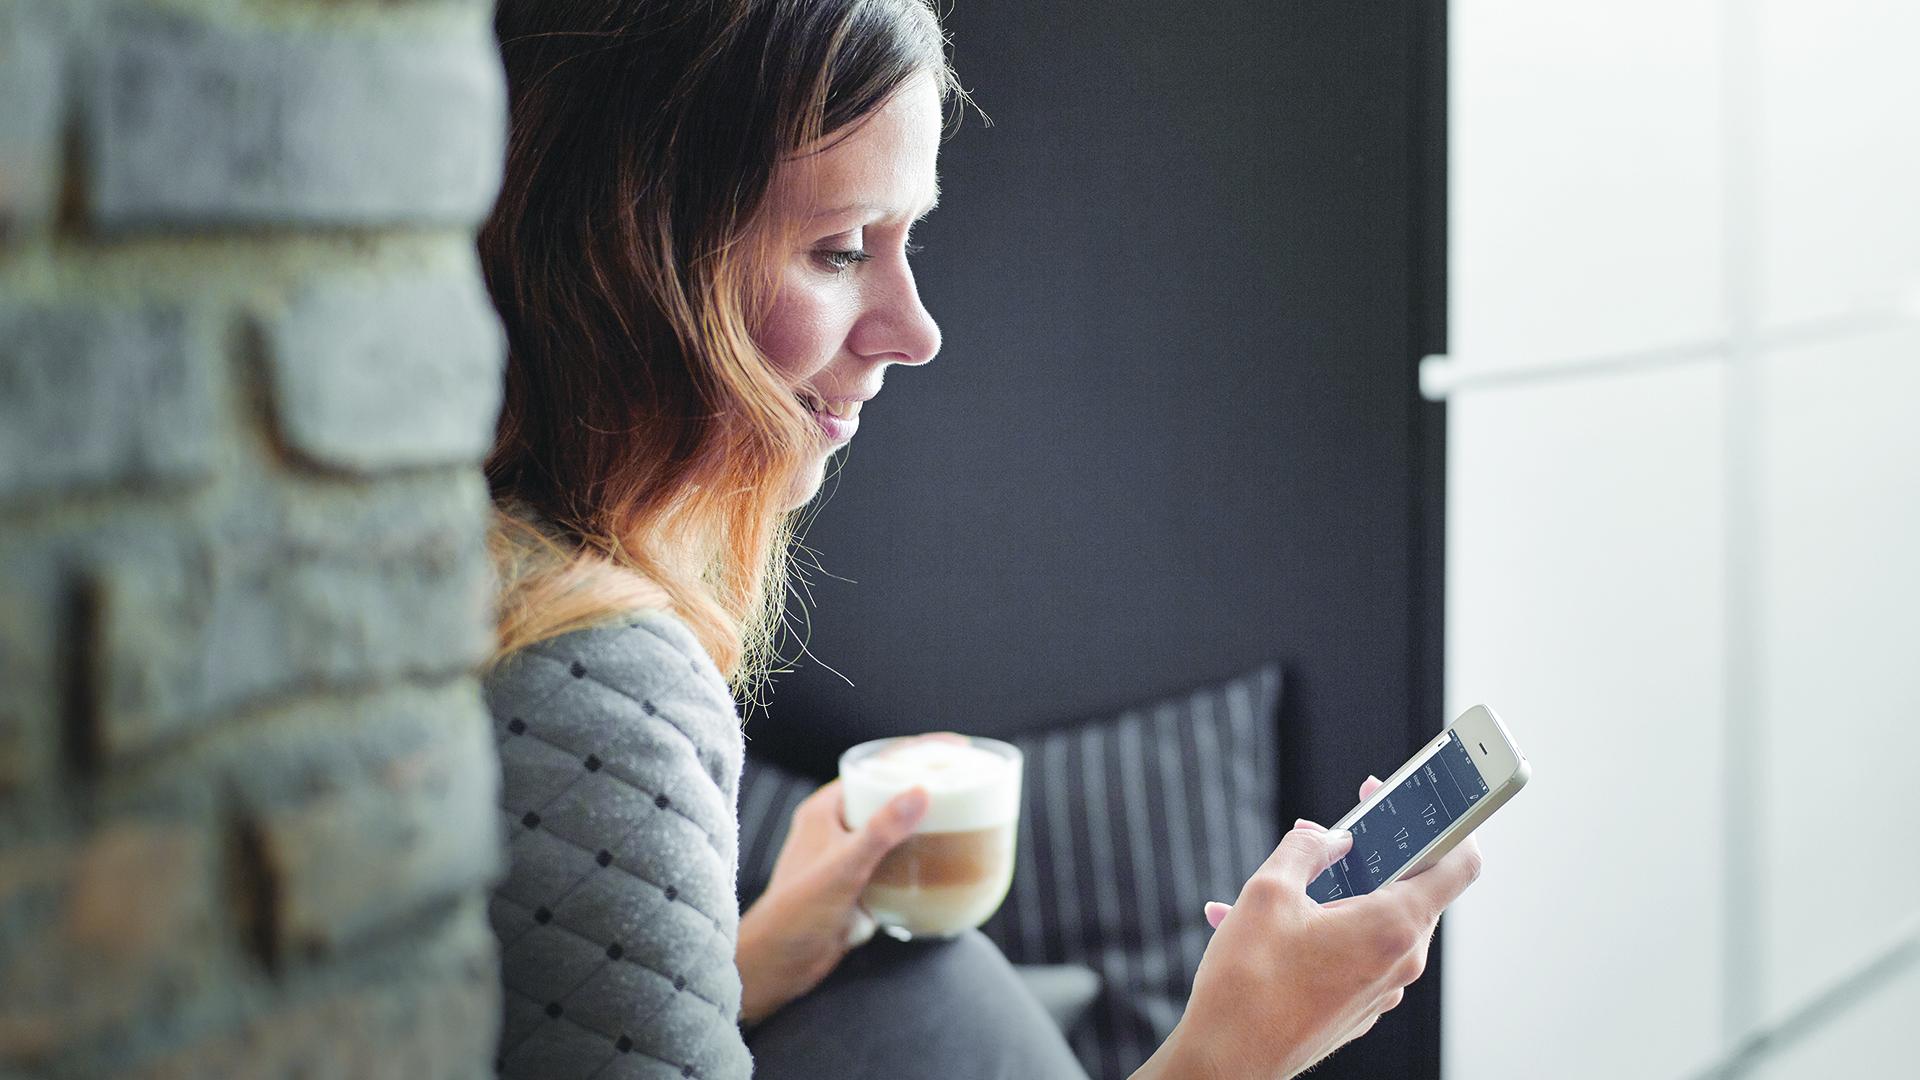 Danfoss mobiilisovelluksen avulla voit säätää huonelämpötilan juuri sopivaksi.